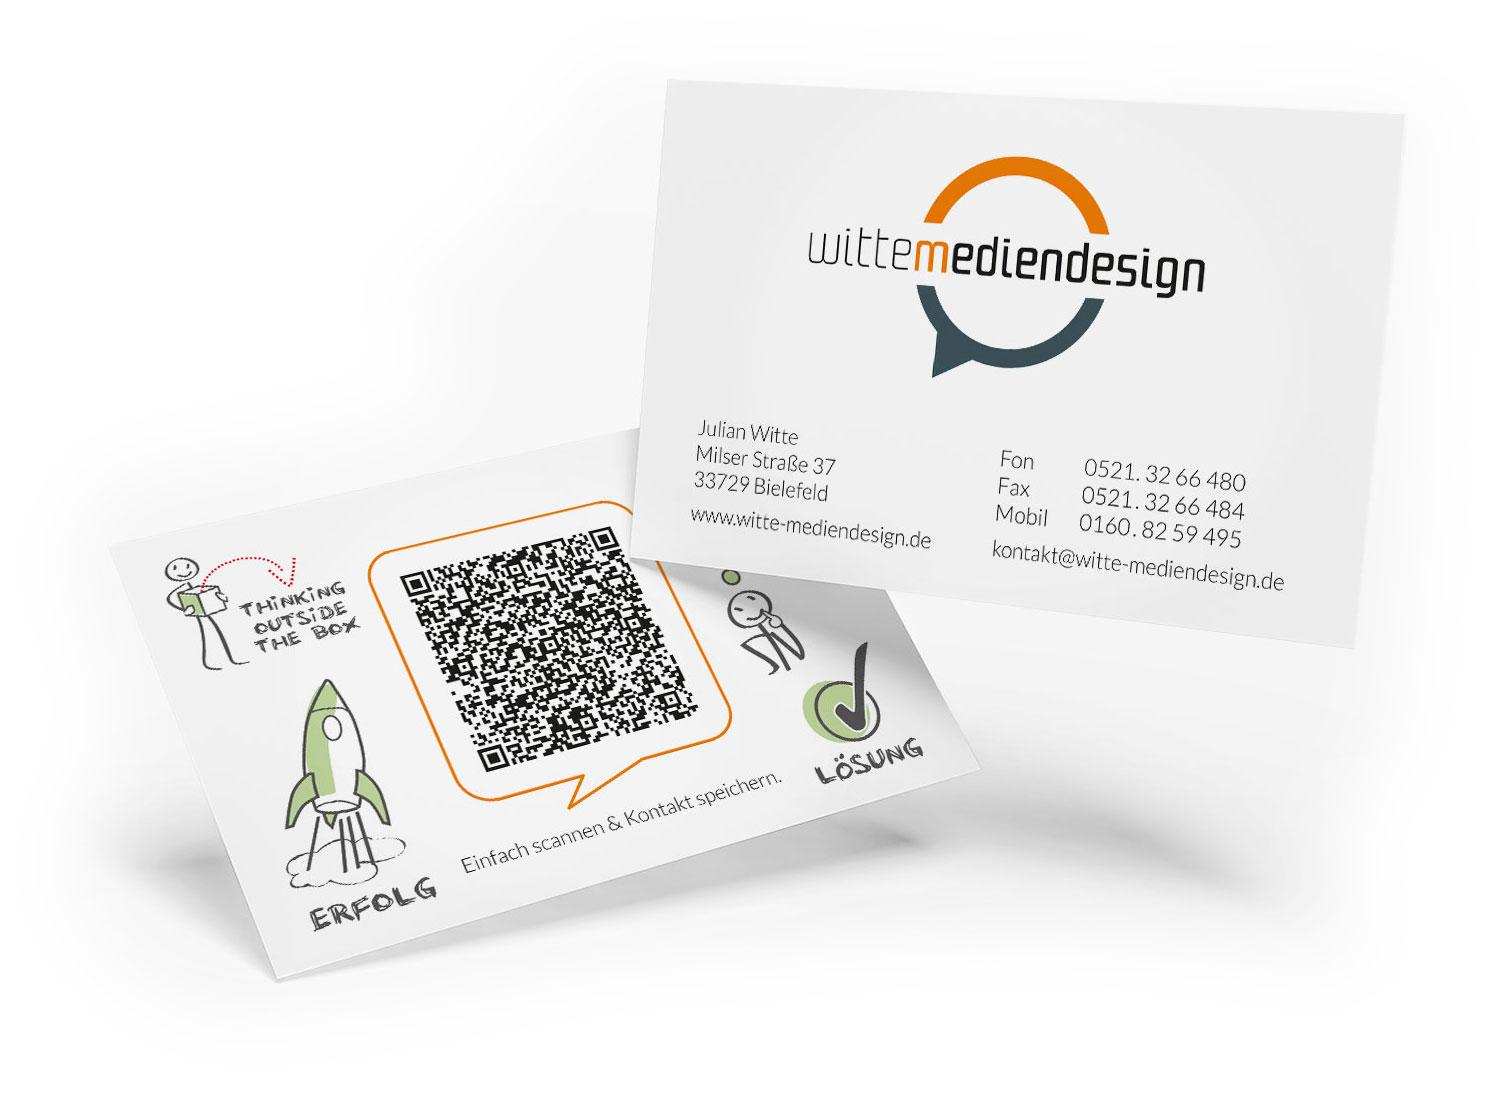 neues Logo erstellen lassen Bielefeld